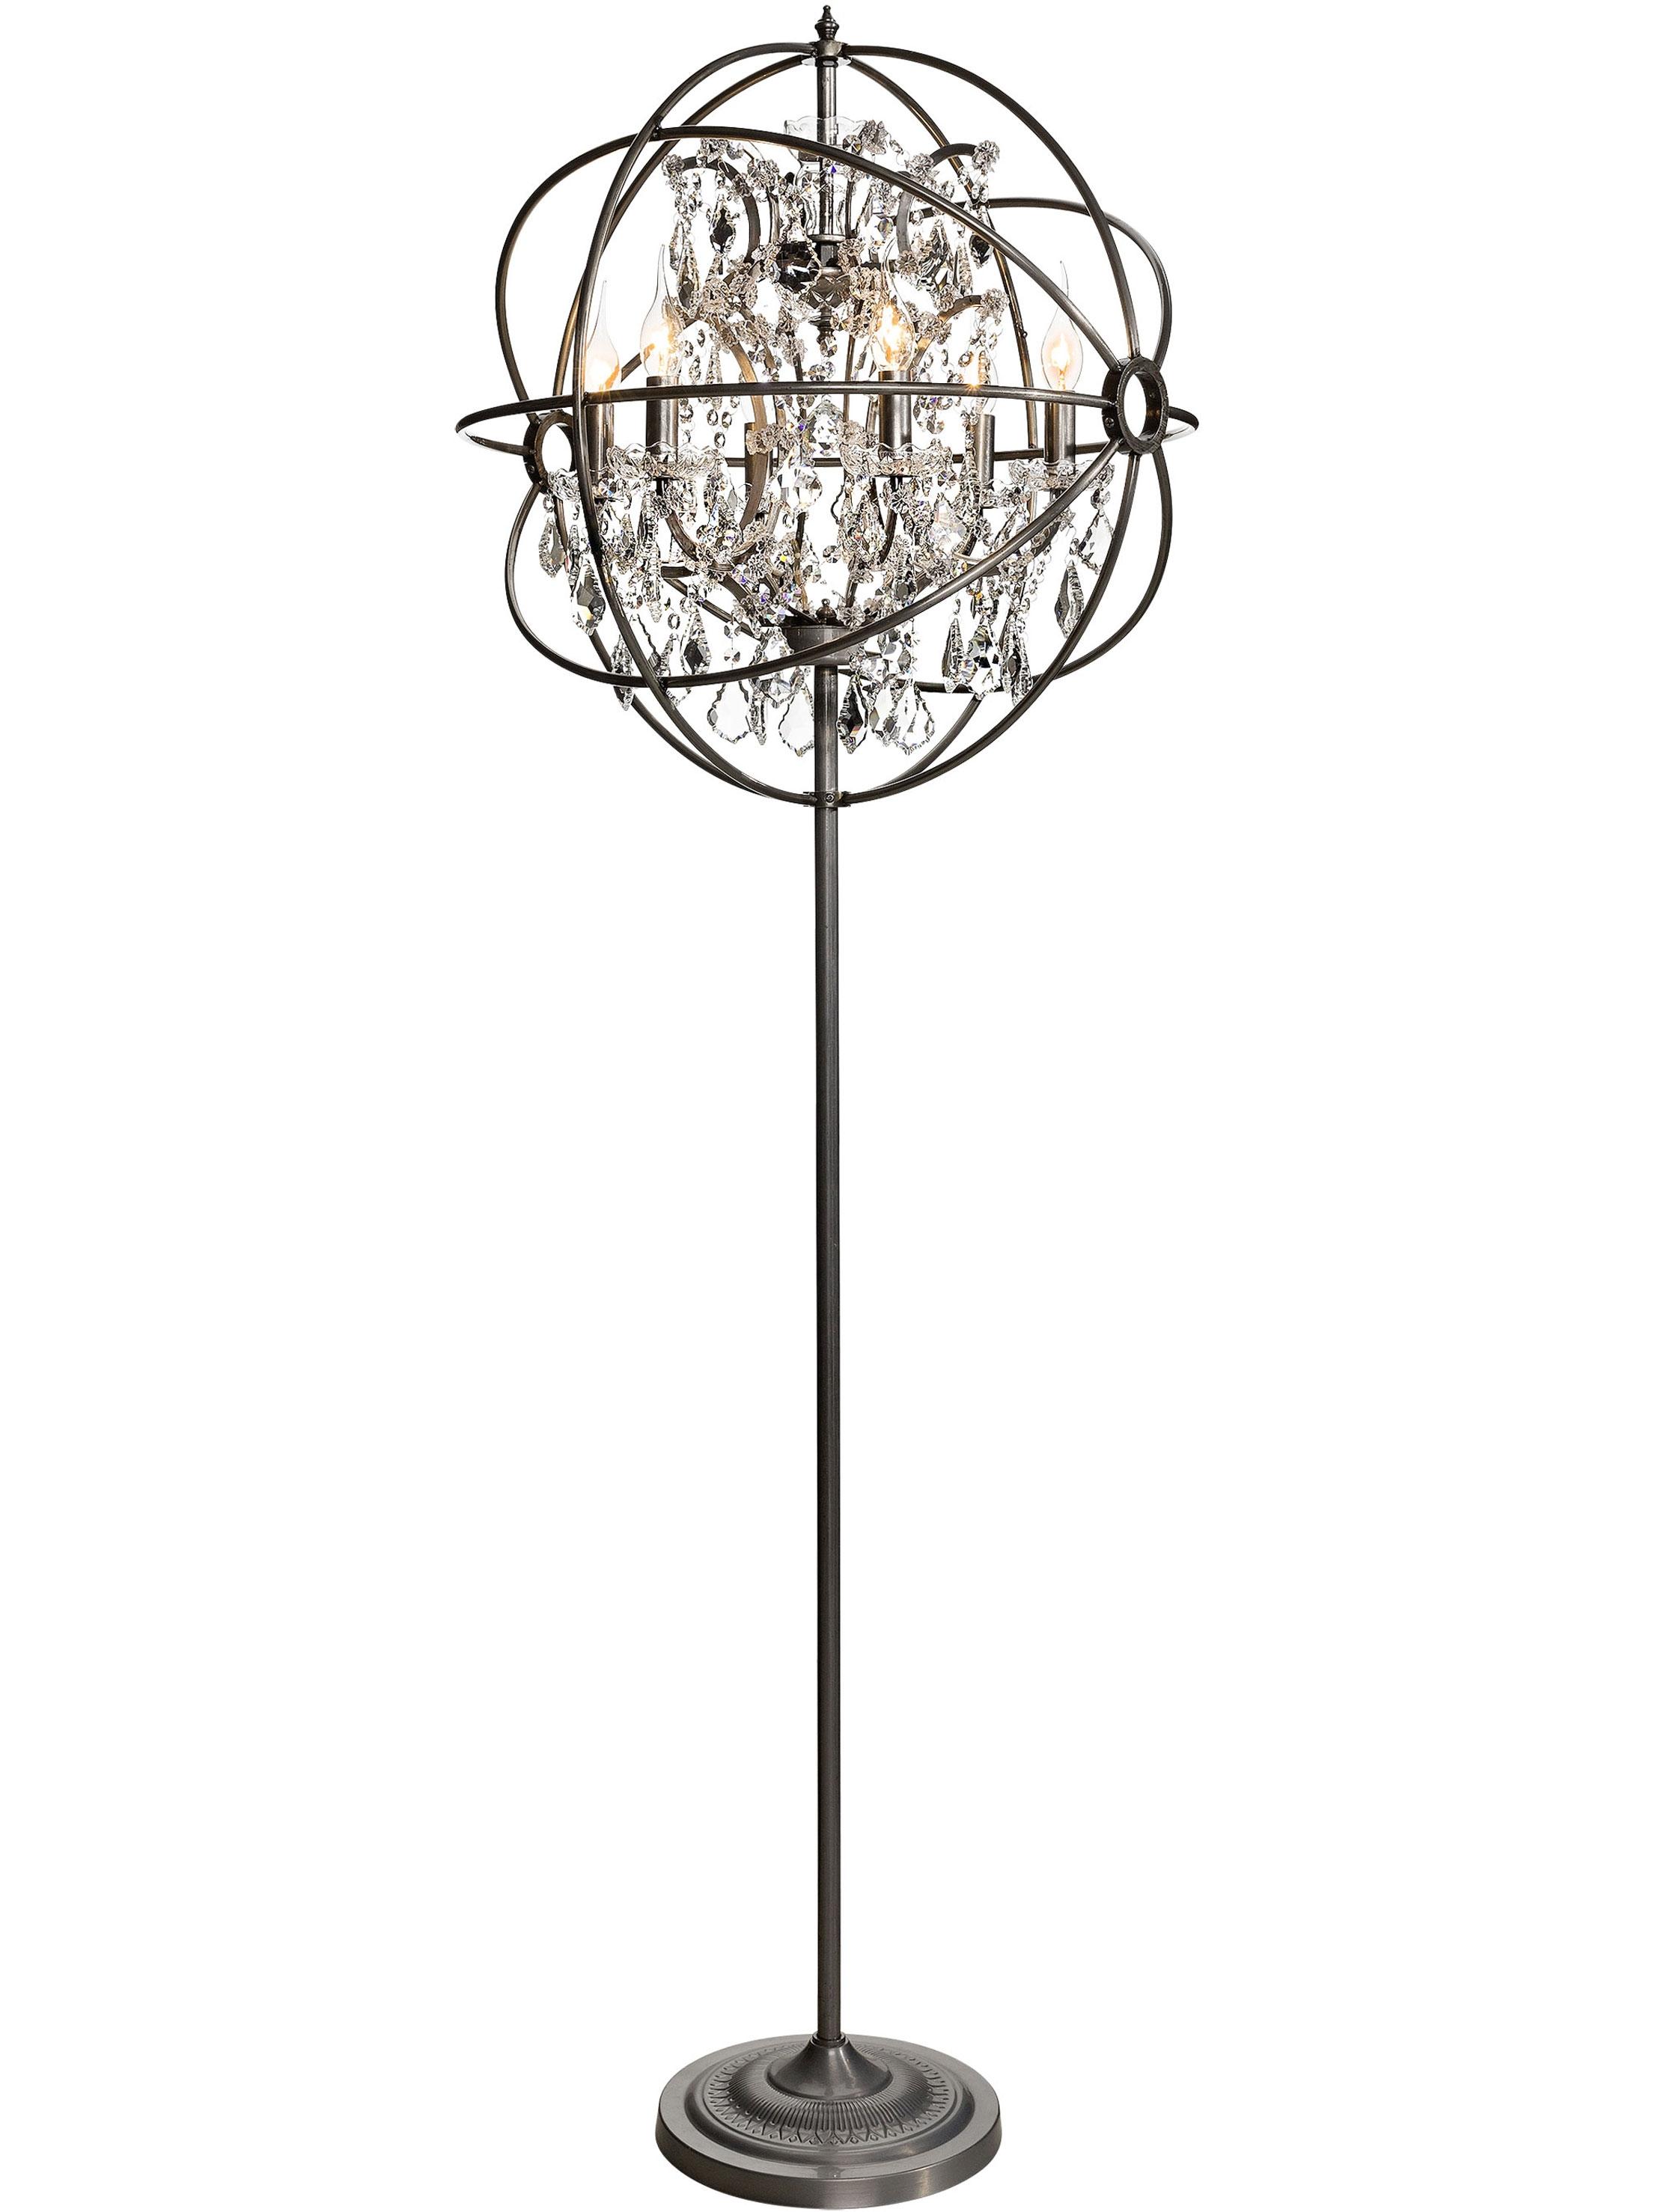 Decor Adorable Chandelier Floor Lamp Remodeling In Brass Gold Regarding Standing Chandelier Floor Lamps (Image 5 of 25)